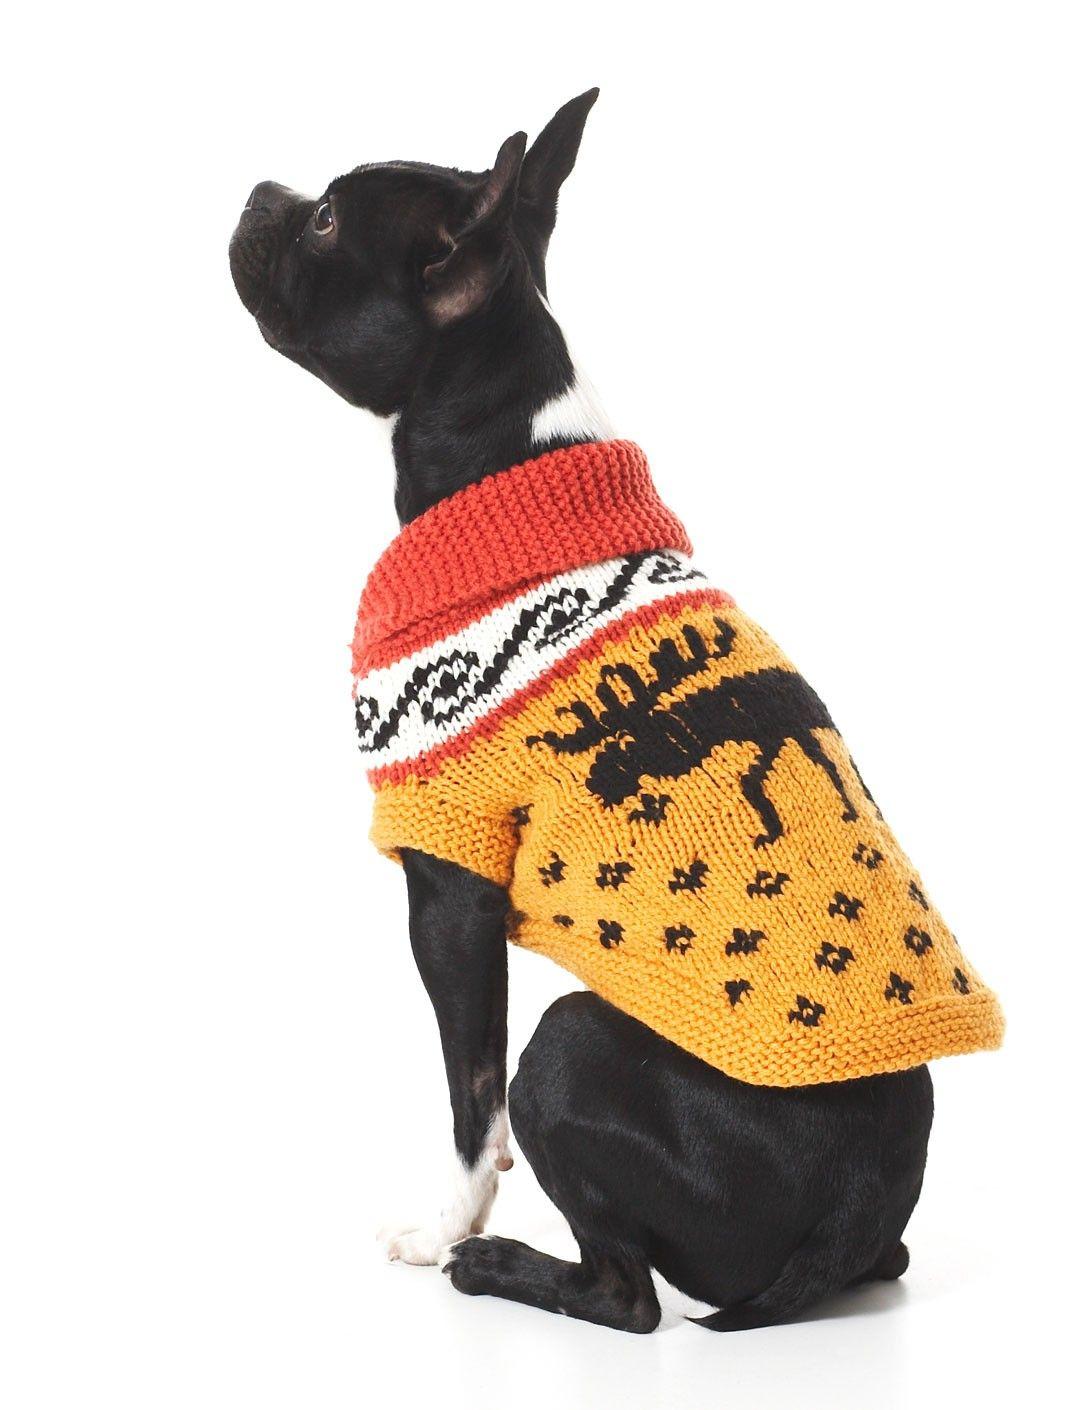 Bernat cowichan style dog coat yarnspirations intermediate s free pattern bernat cowichan style dog coat yarnspirations intermediate s 10 to bankloansurffo Gallery